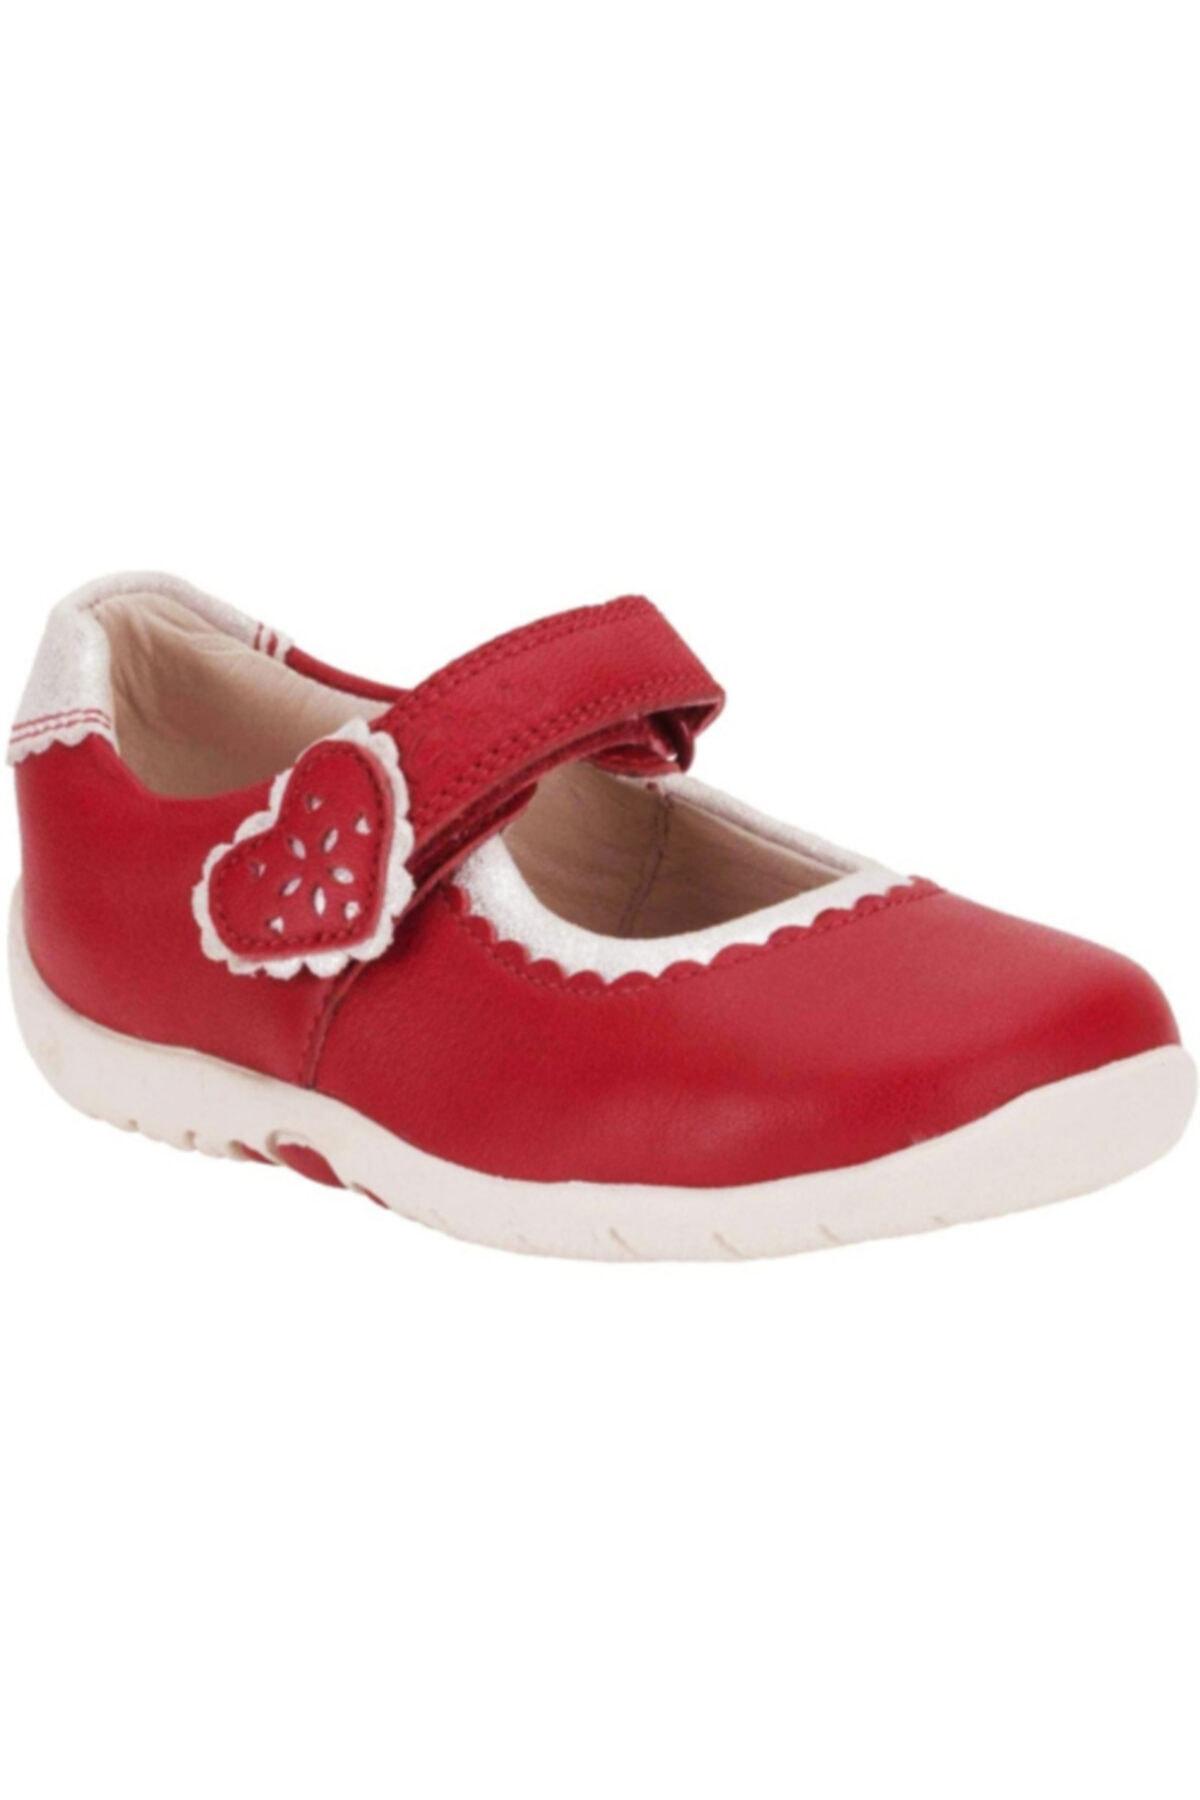 CLARKS Kız Çocuk Kırmızı Ayakkabısı 1